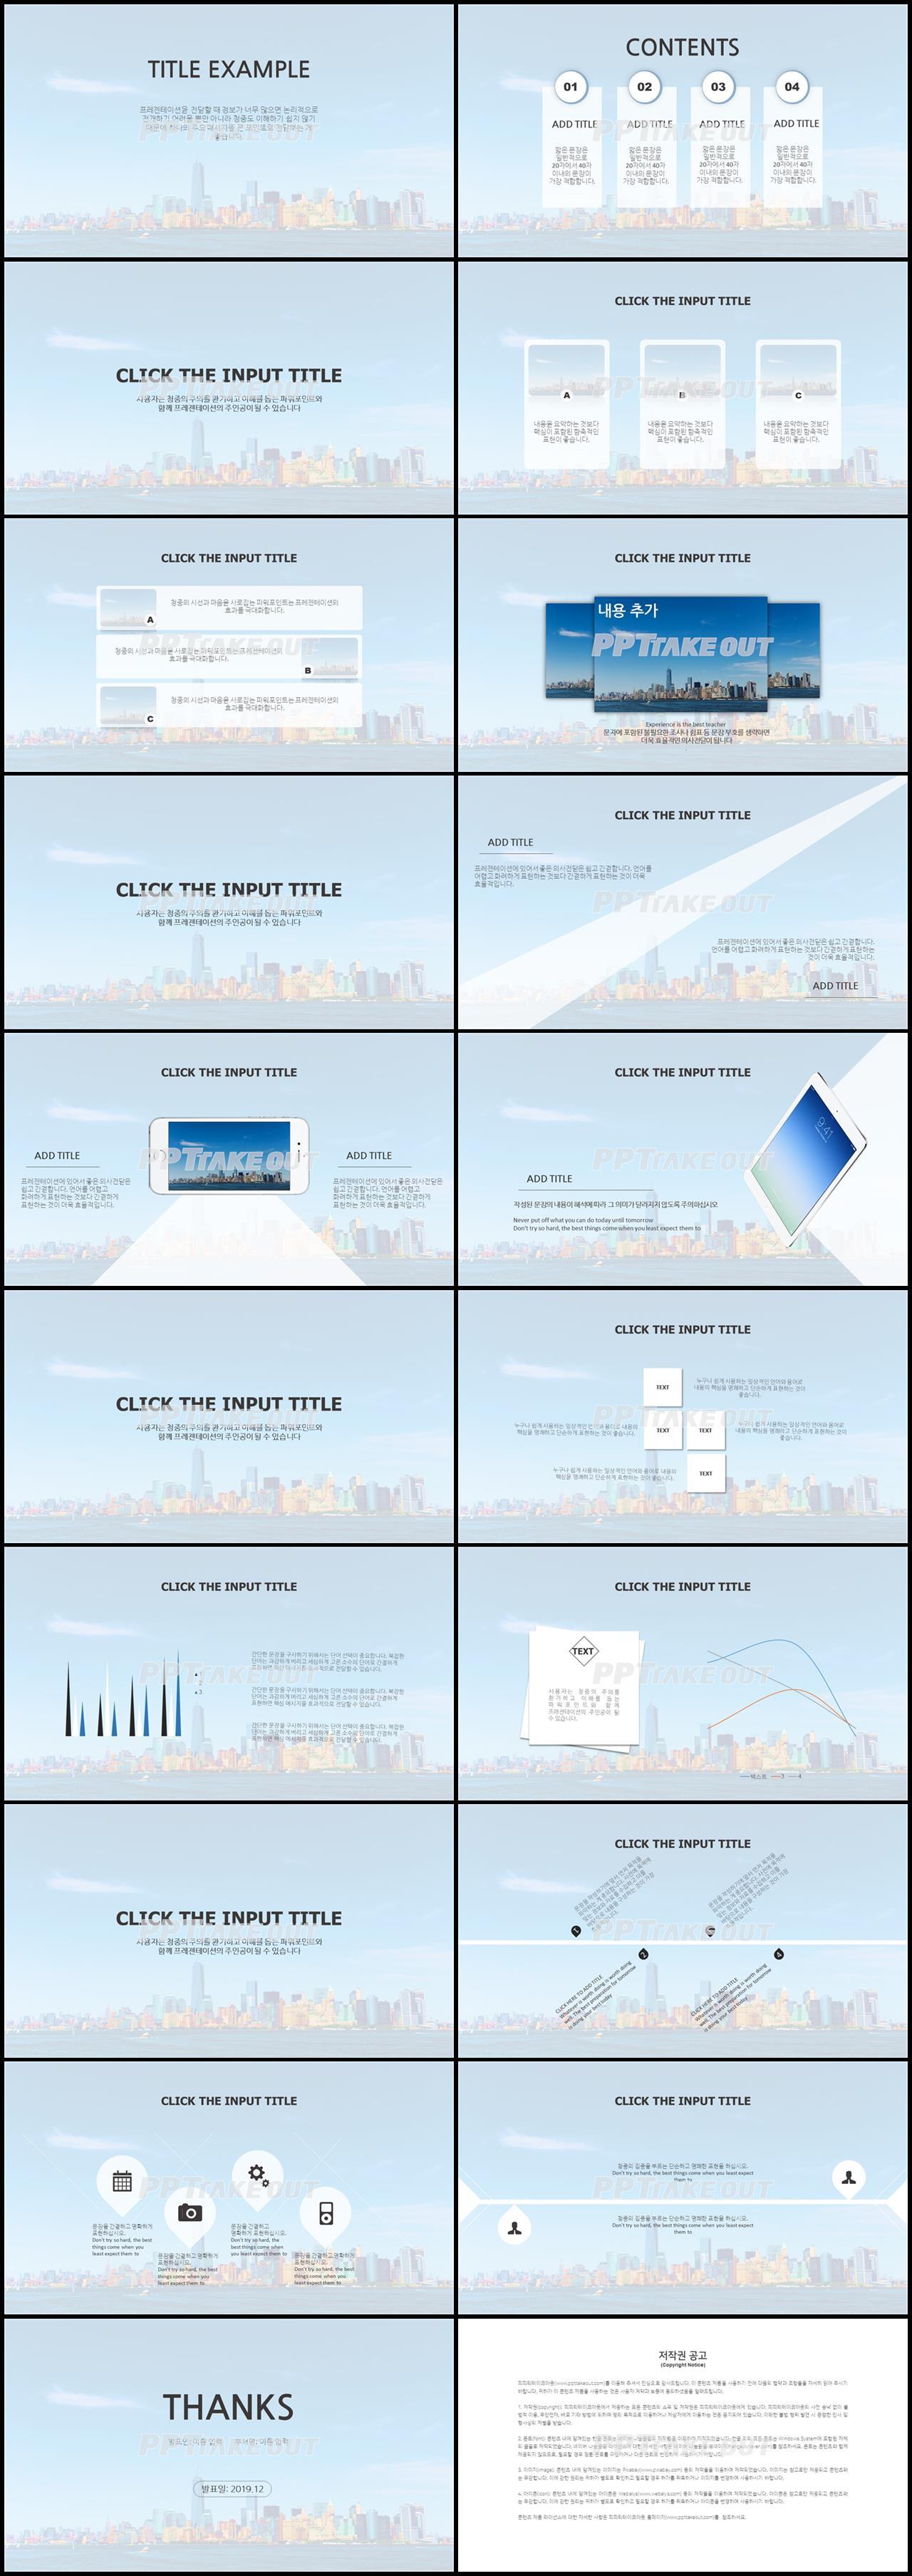 금융투자 청색 단순한 프레젠테이션 피피티배경 만들기 상세보기